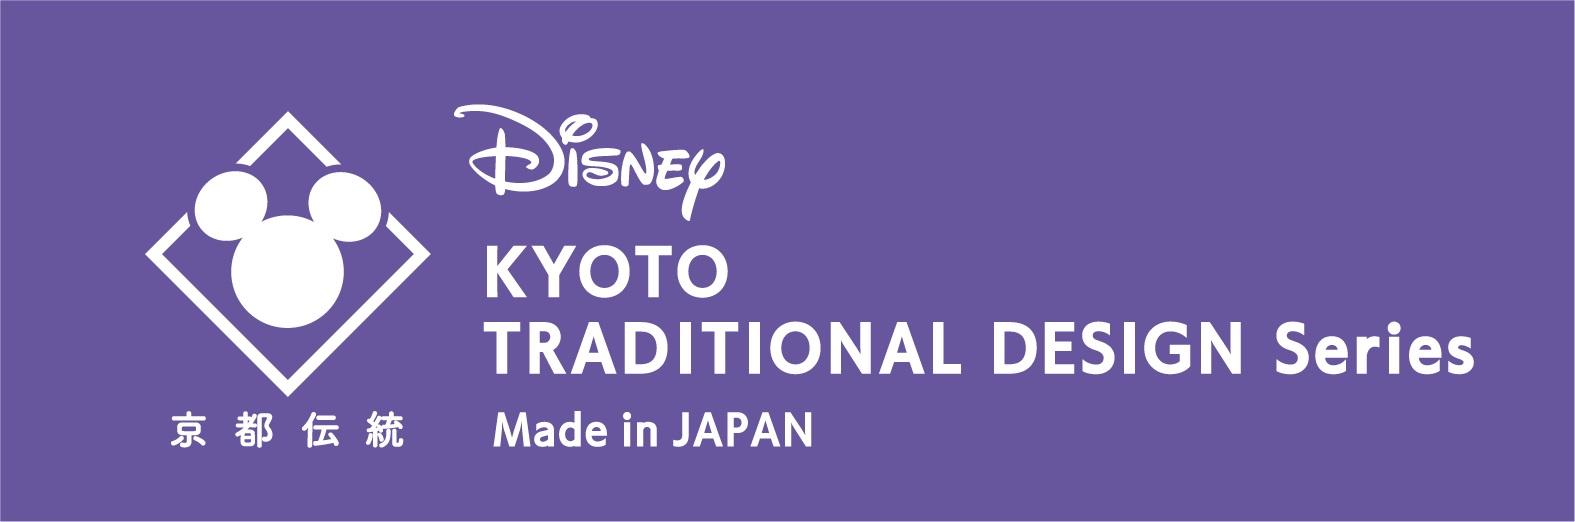 ディズニーと京都の伝統工芸のがコラボ 伝統工芸の魅力を今に伝える展示会を開催